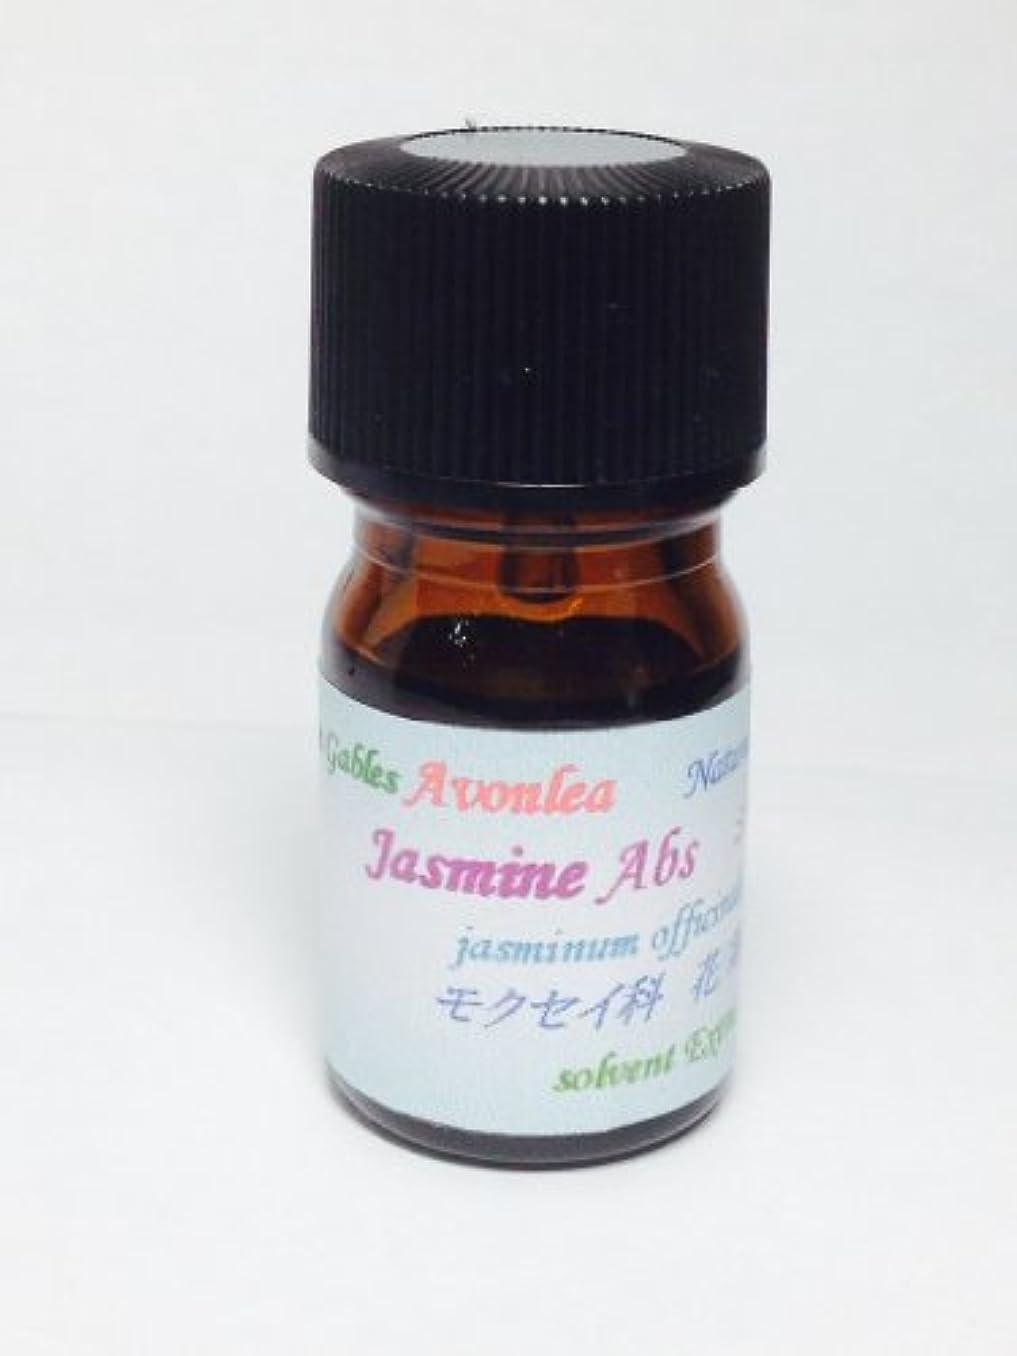 ジャスミン Abs 100% ピュア エッセンシャルオイル 花の精油 10ml